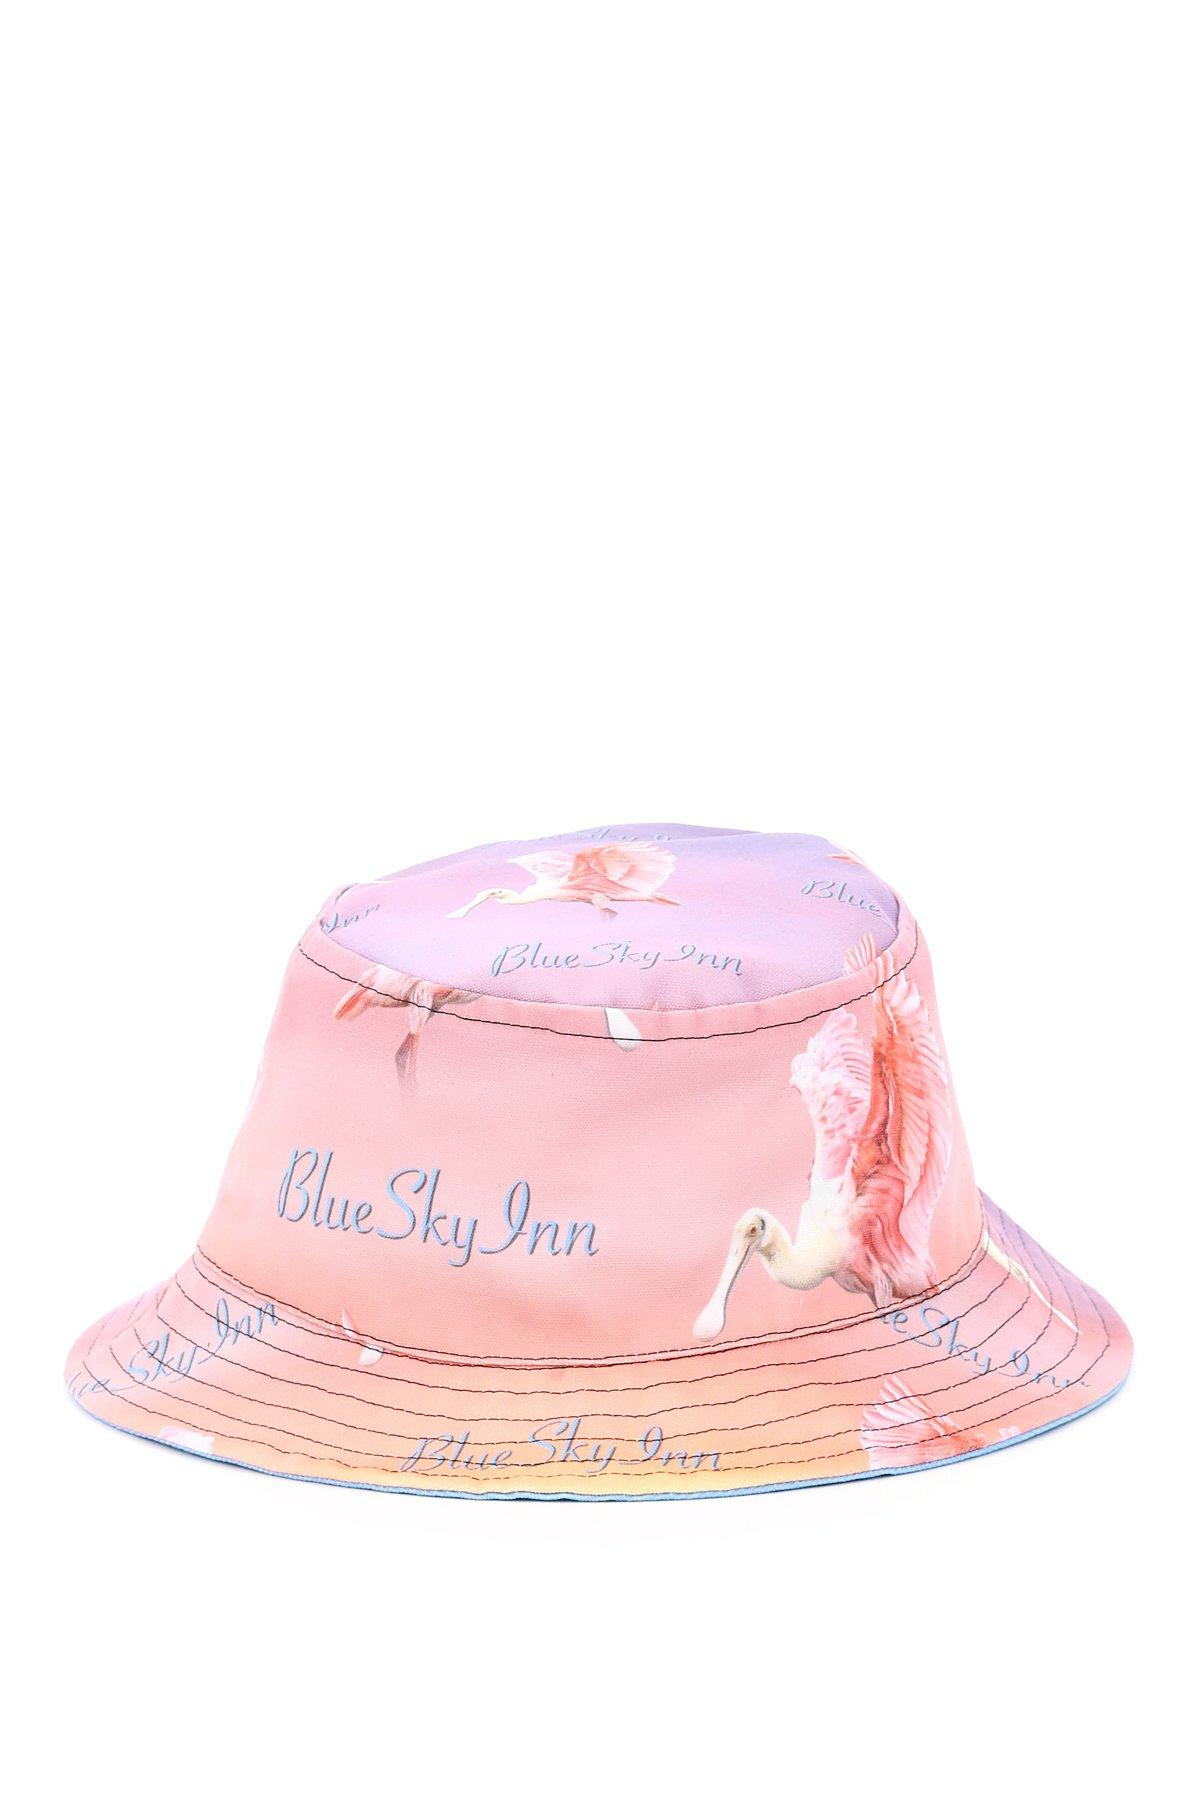 Blue sky inn bucket hat con stampa